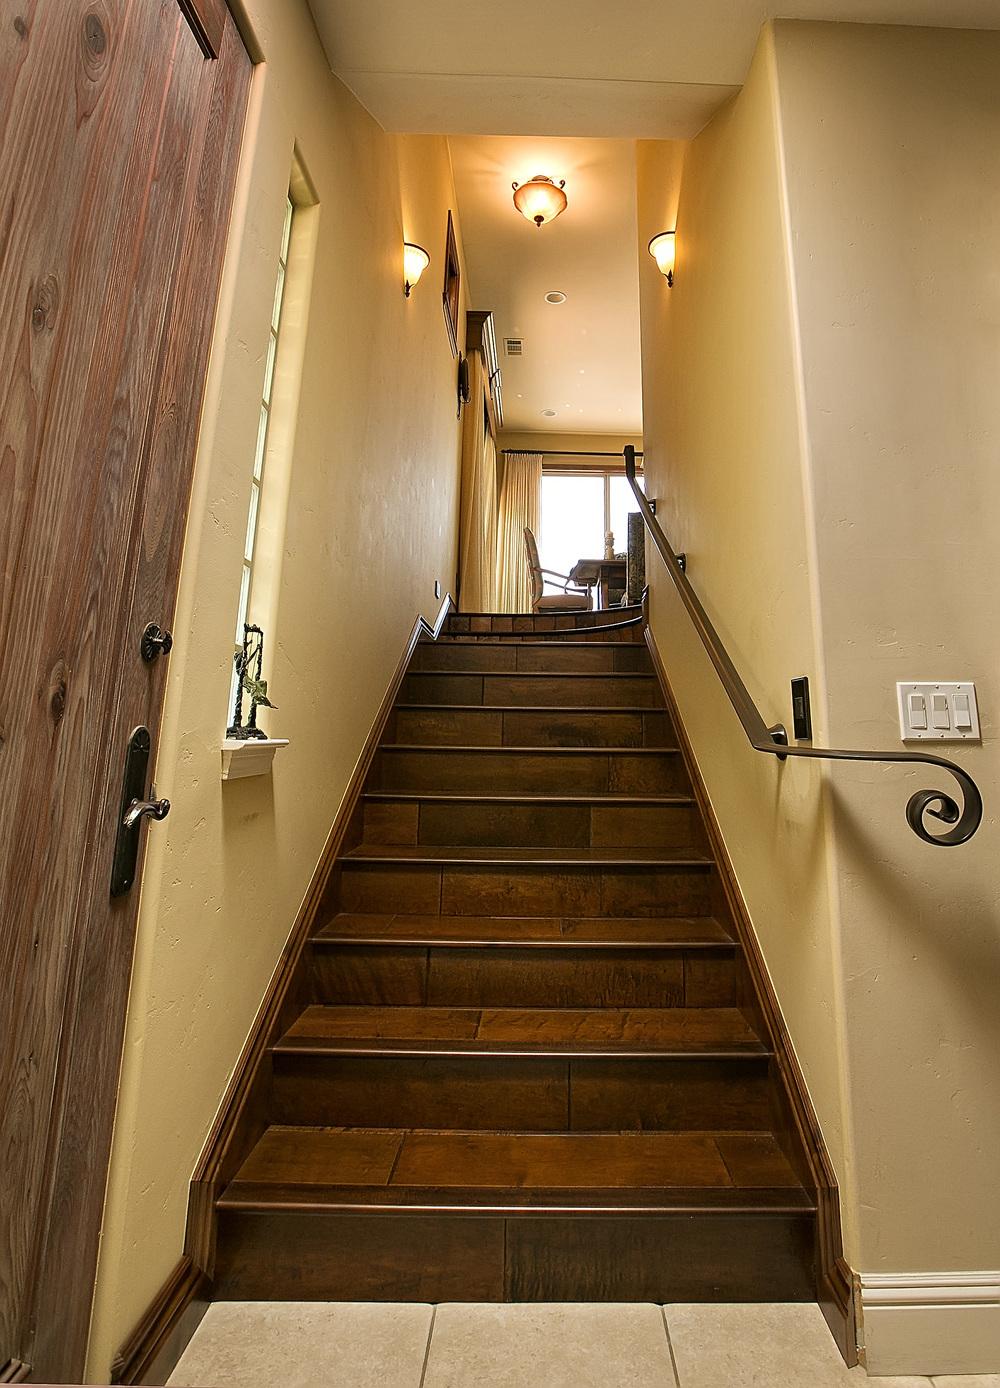 Avila stairs 2.jpg